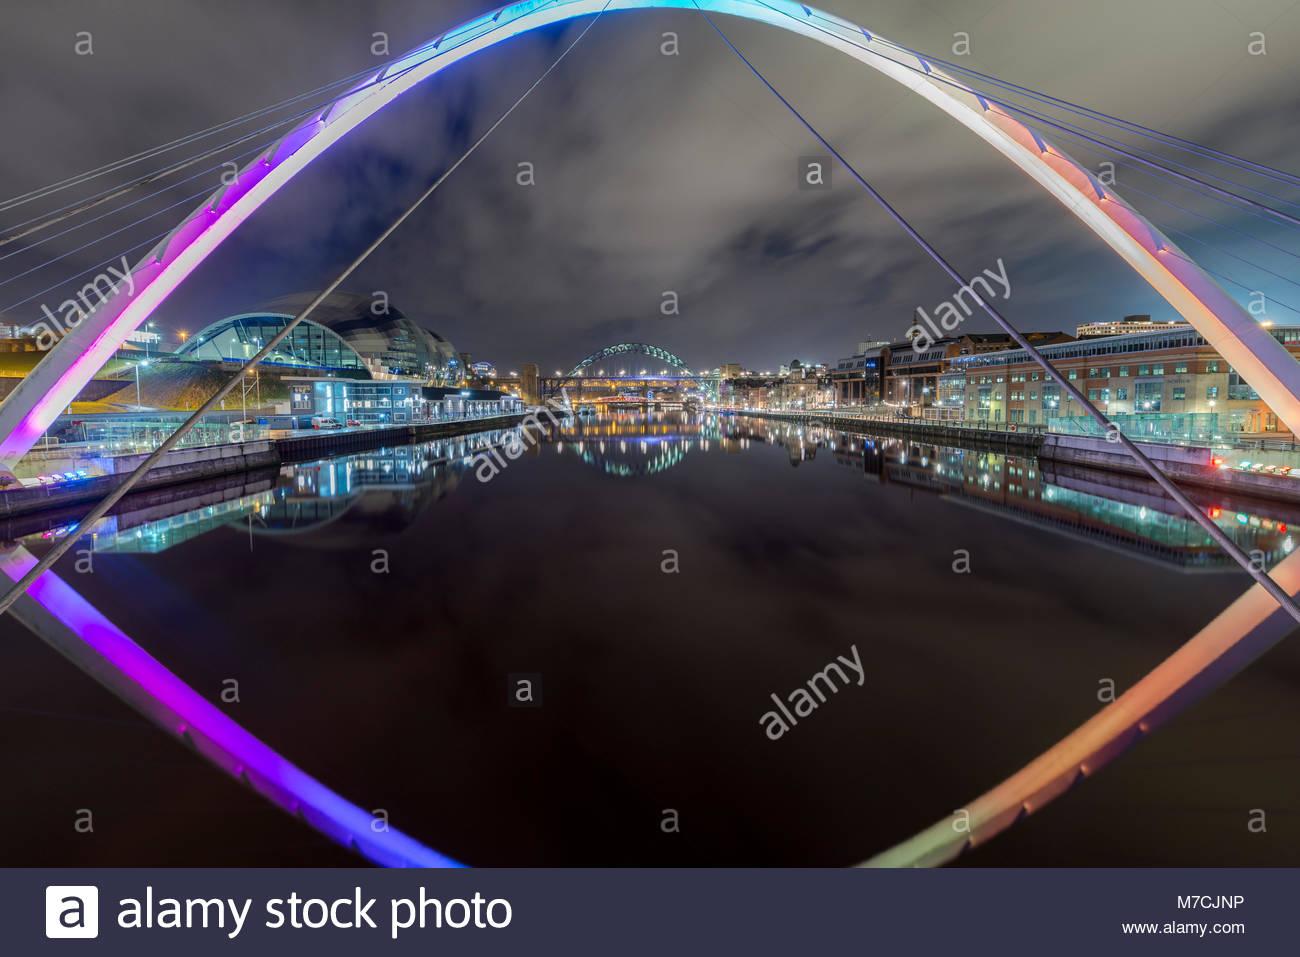 Il Gateshead Millennium Bridge è un ponte pedonale e ciclista che attraversa il fiume Tyne, nel Nord-est dell'Inghilterra, Foto Stock